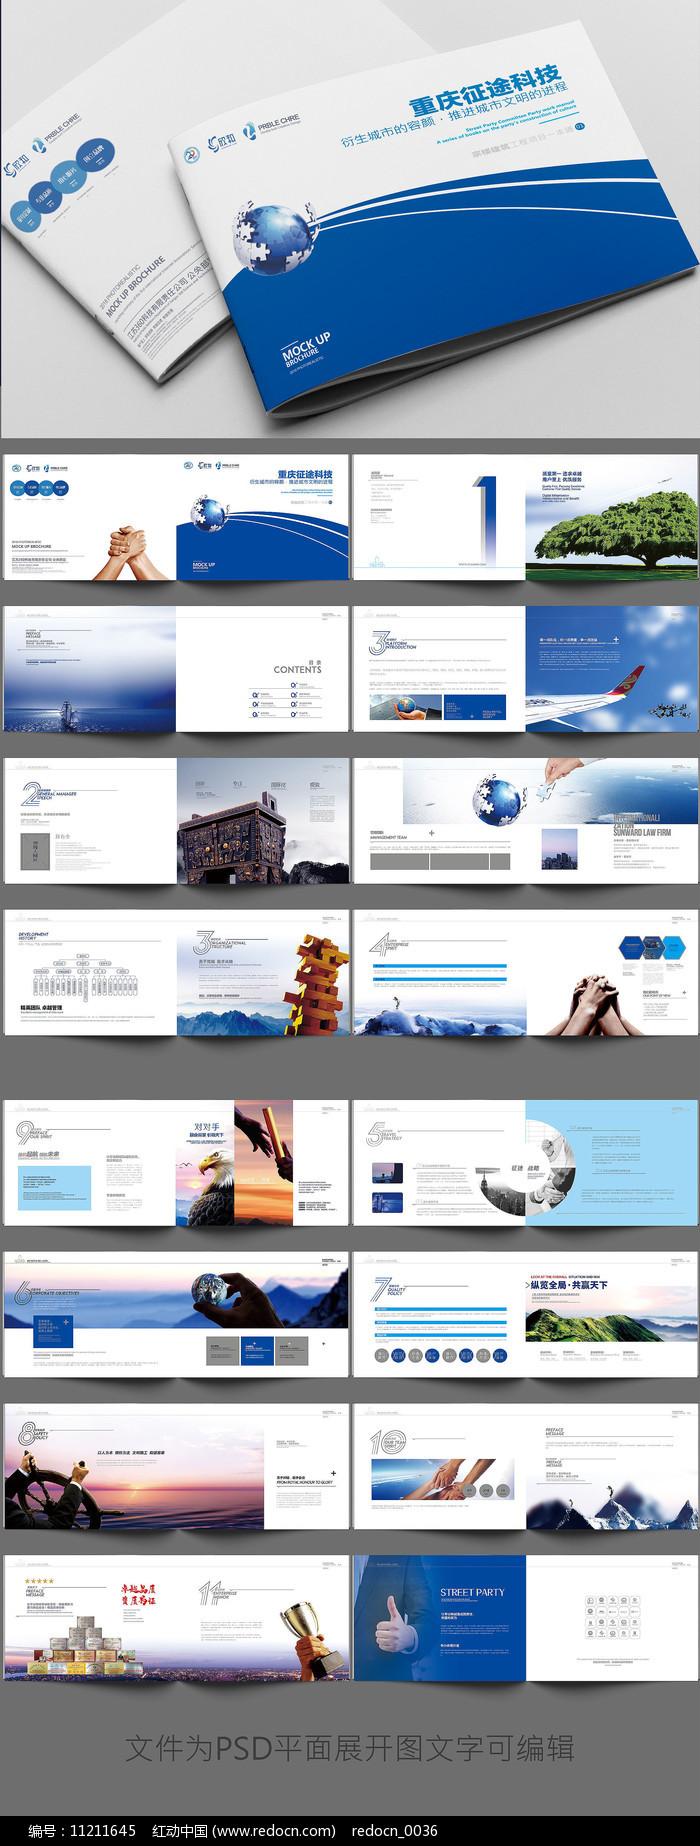 大气横版企业文化手册图片